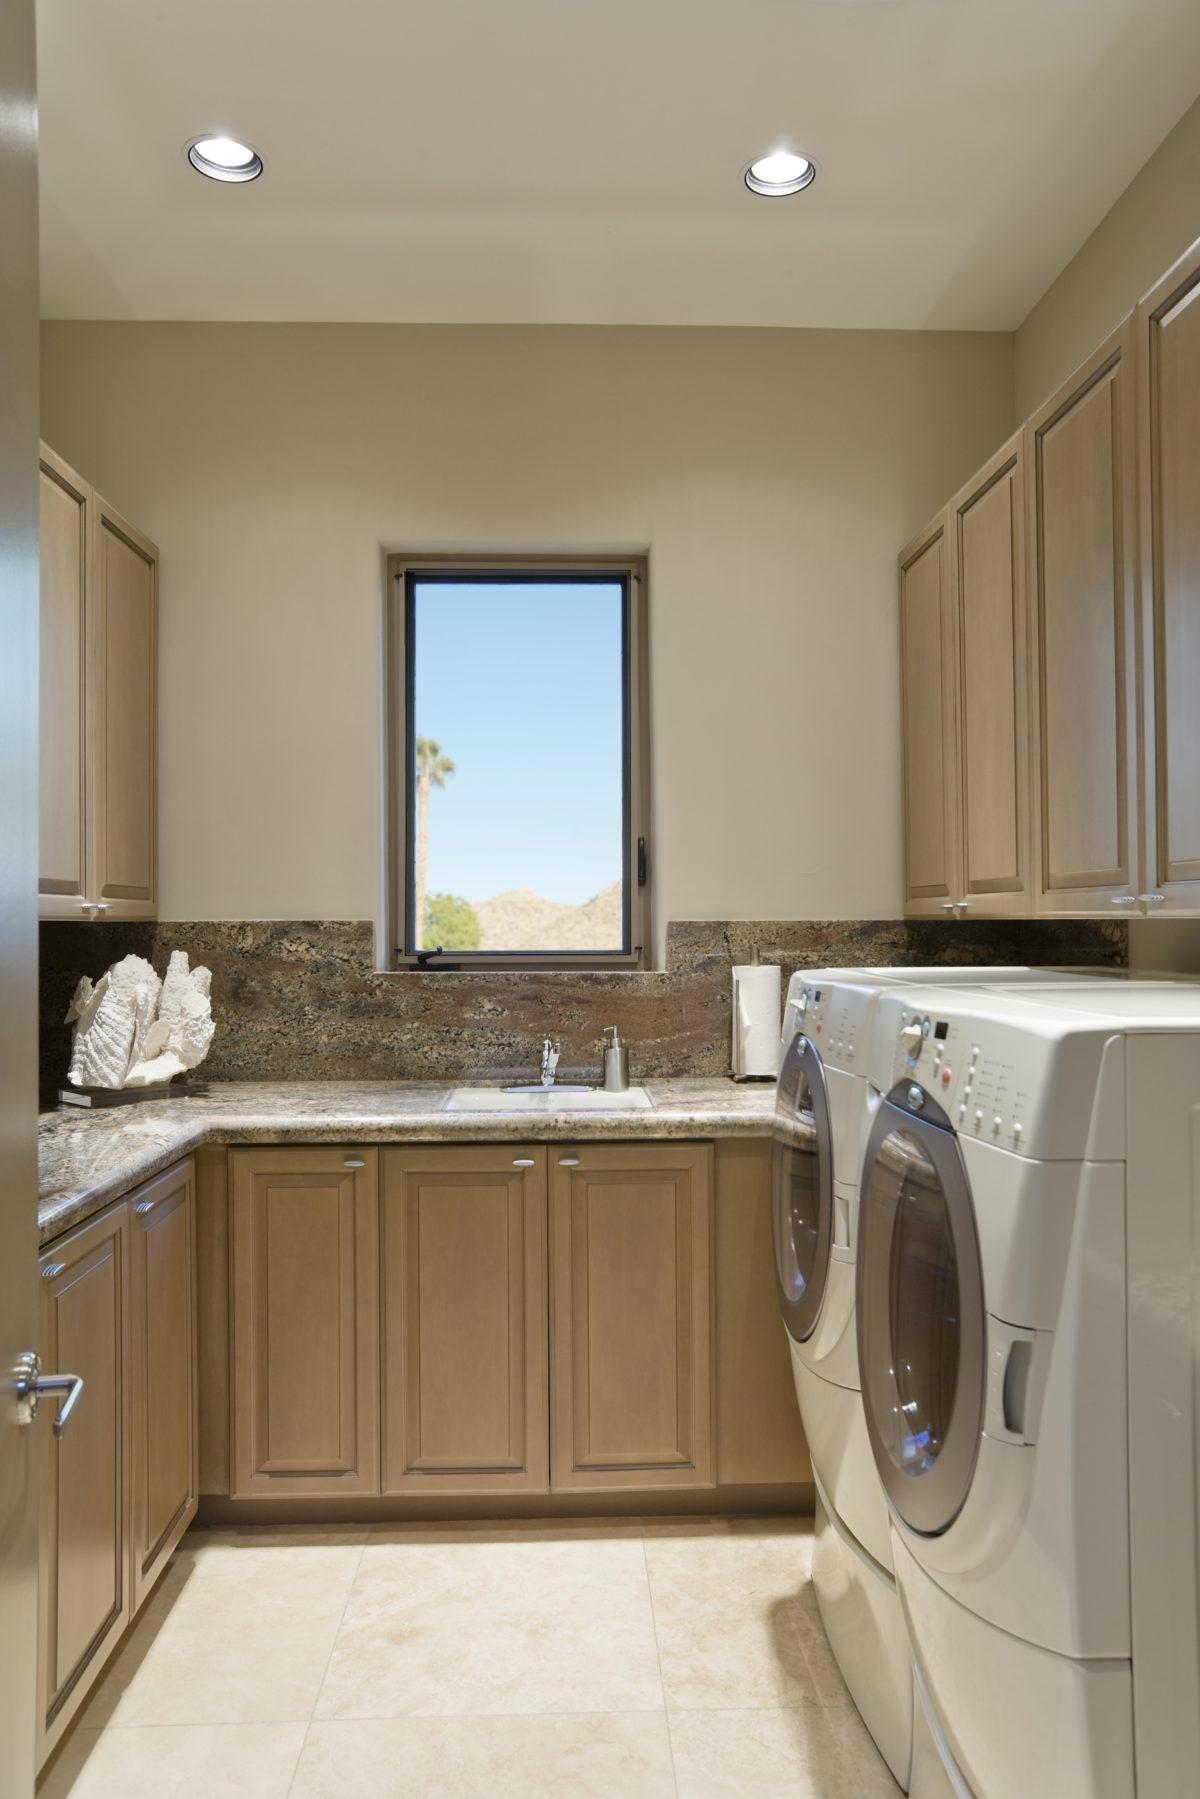 Laundry Room Cabinets Scottsdale AZ  Laundry Room